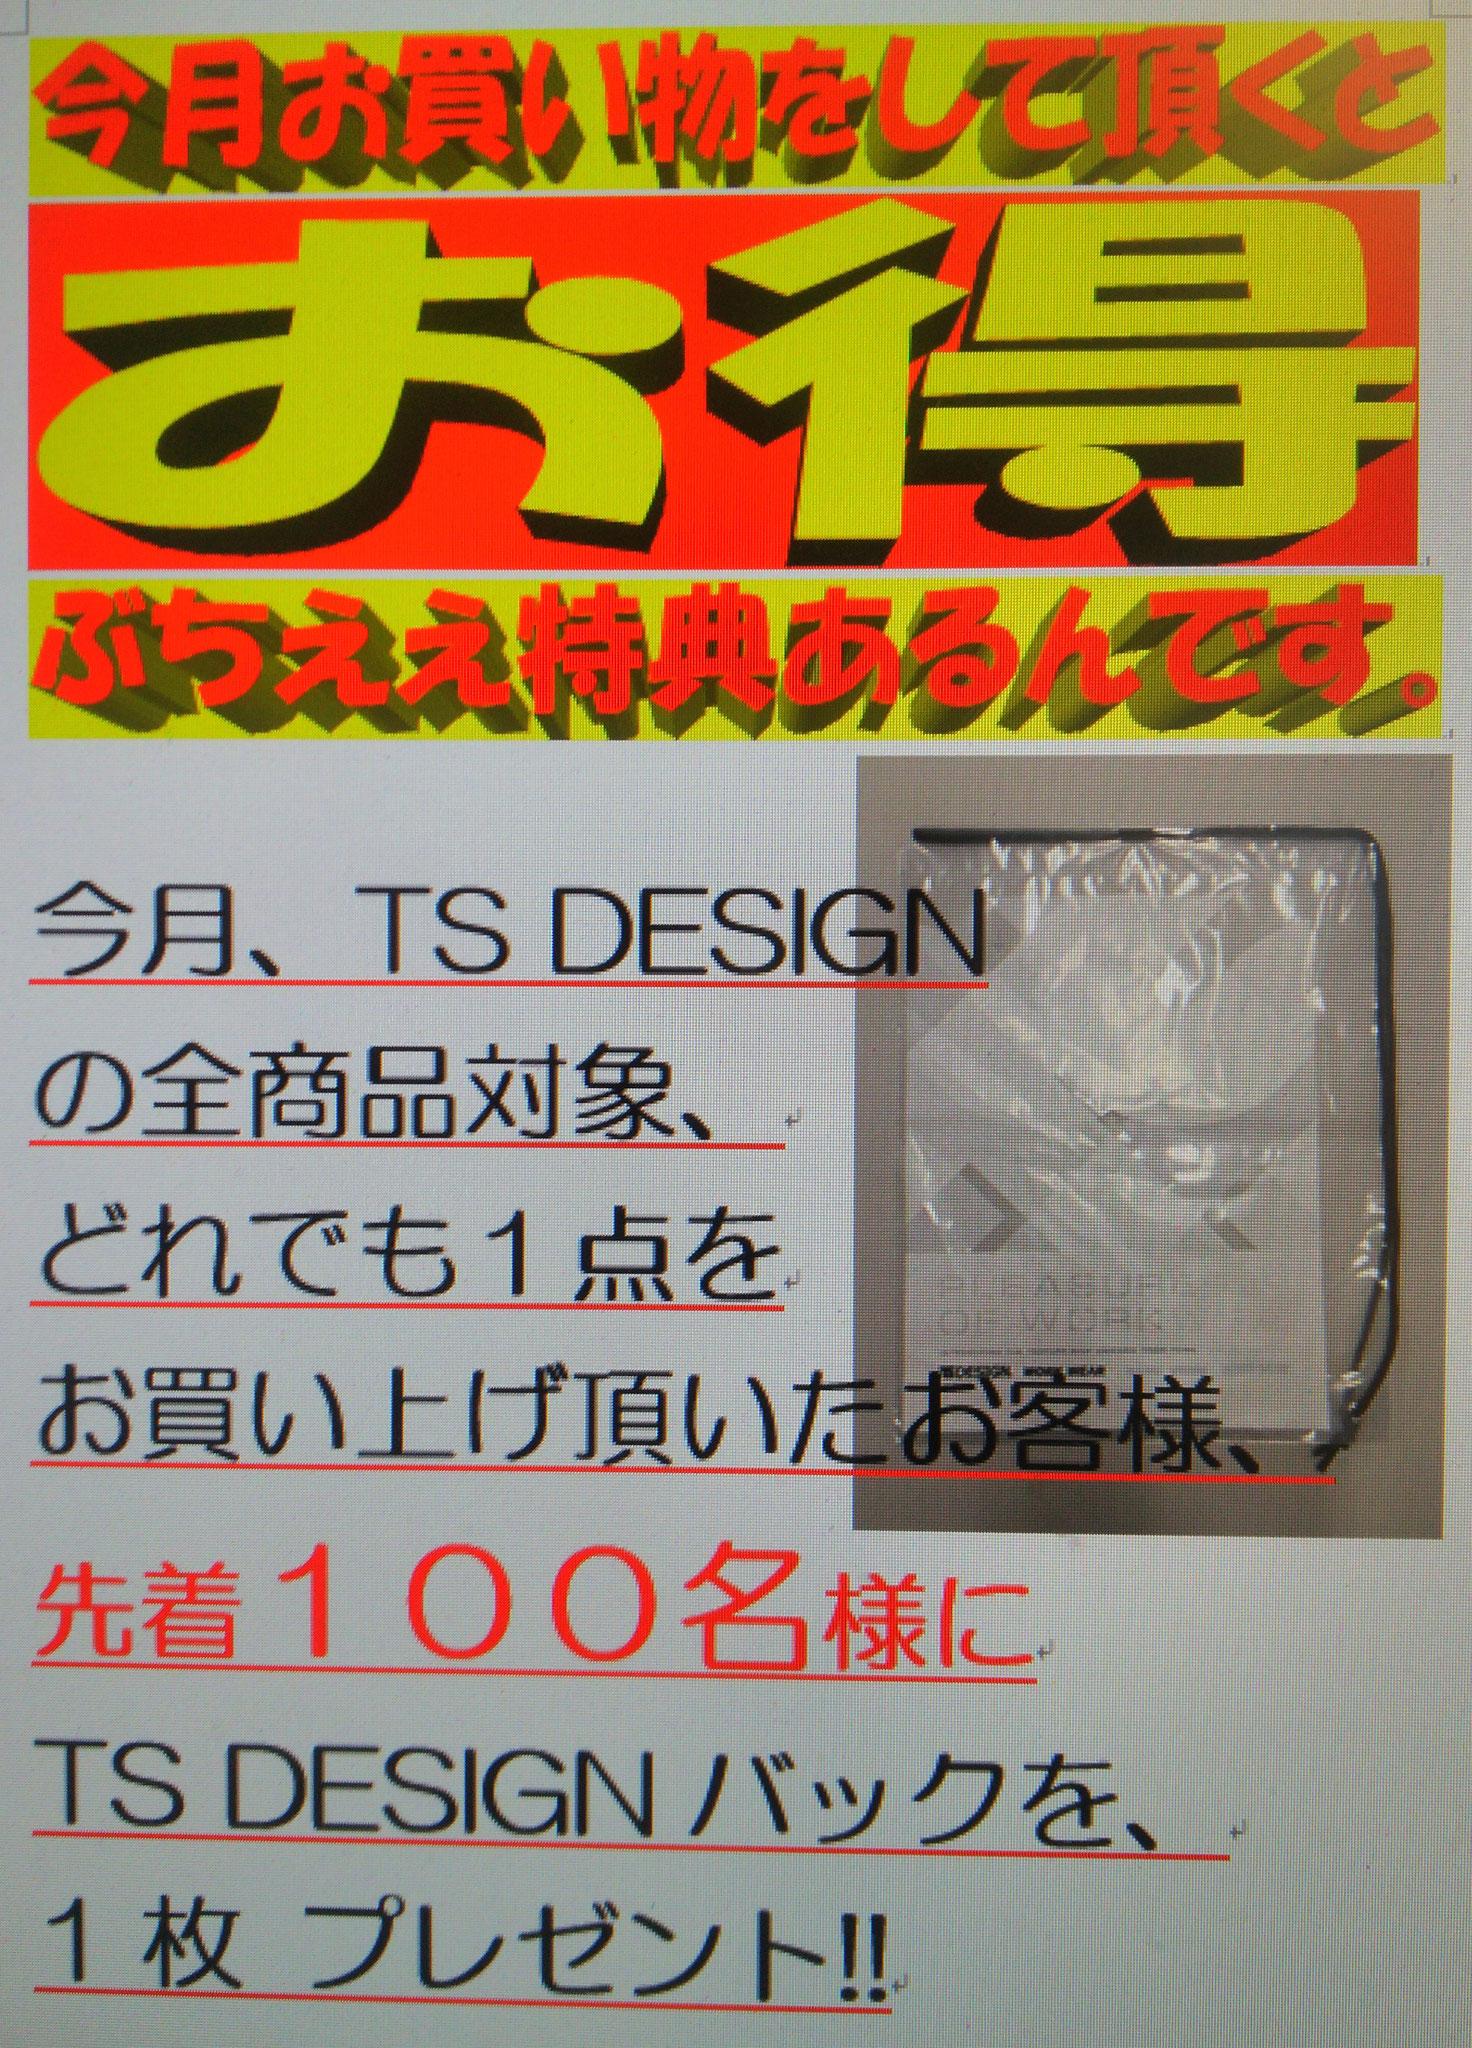 TS DESIGN オリジナルバックをプレゼント中!!